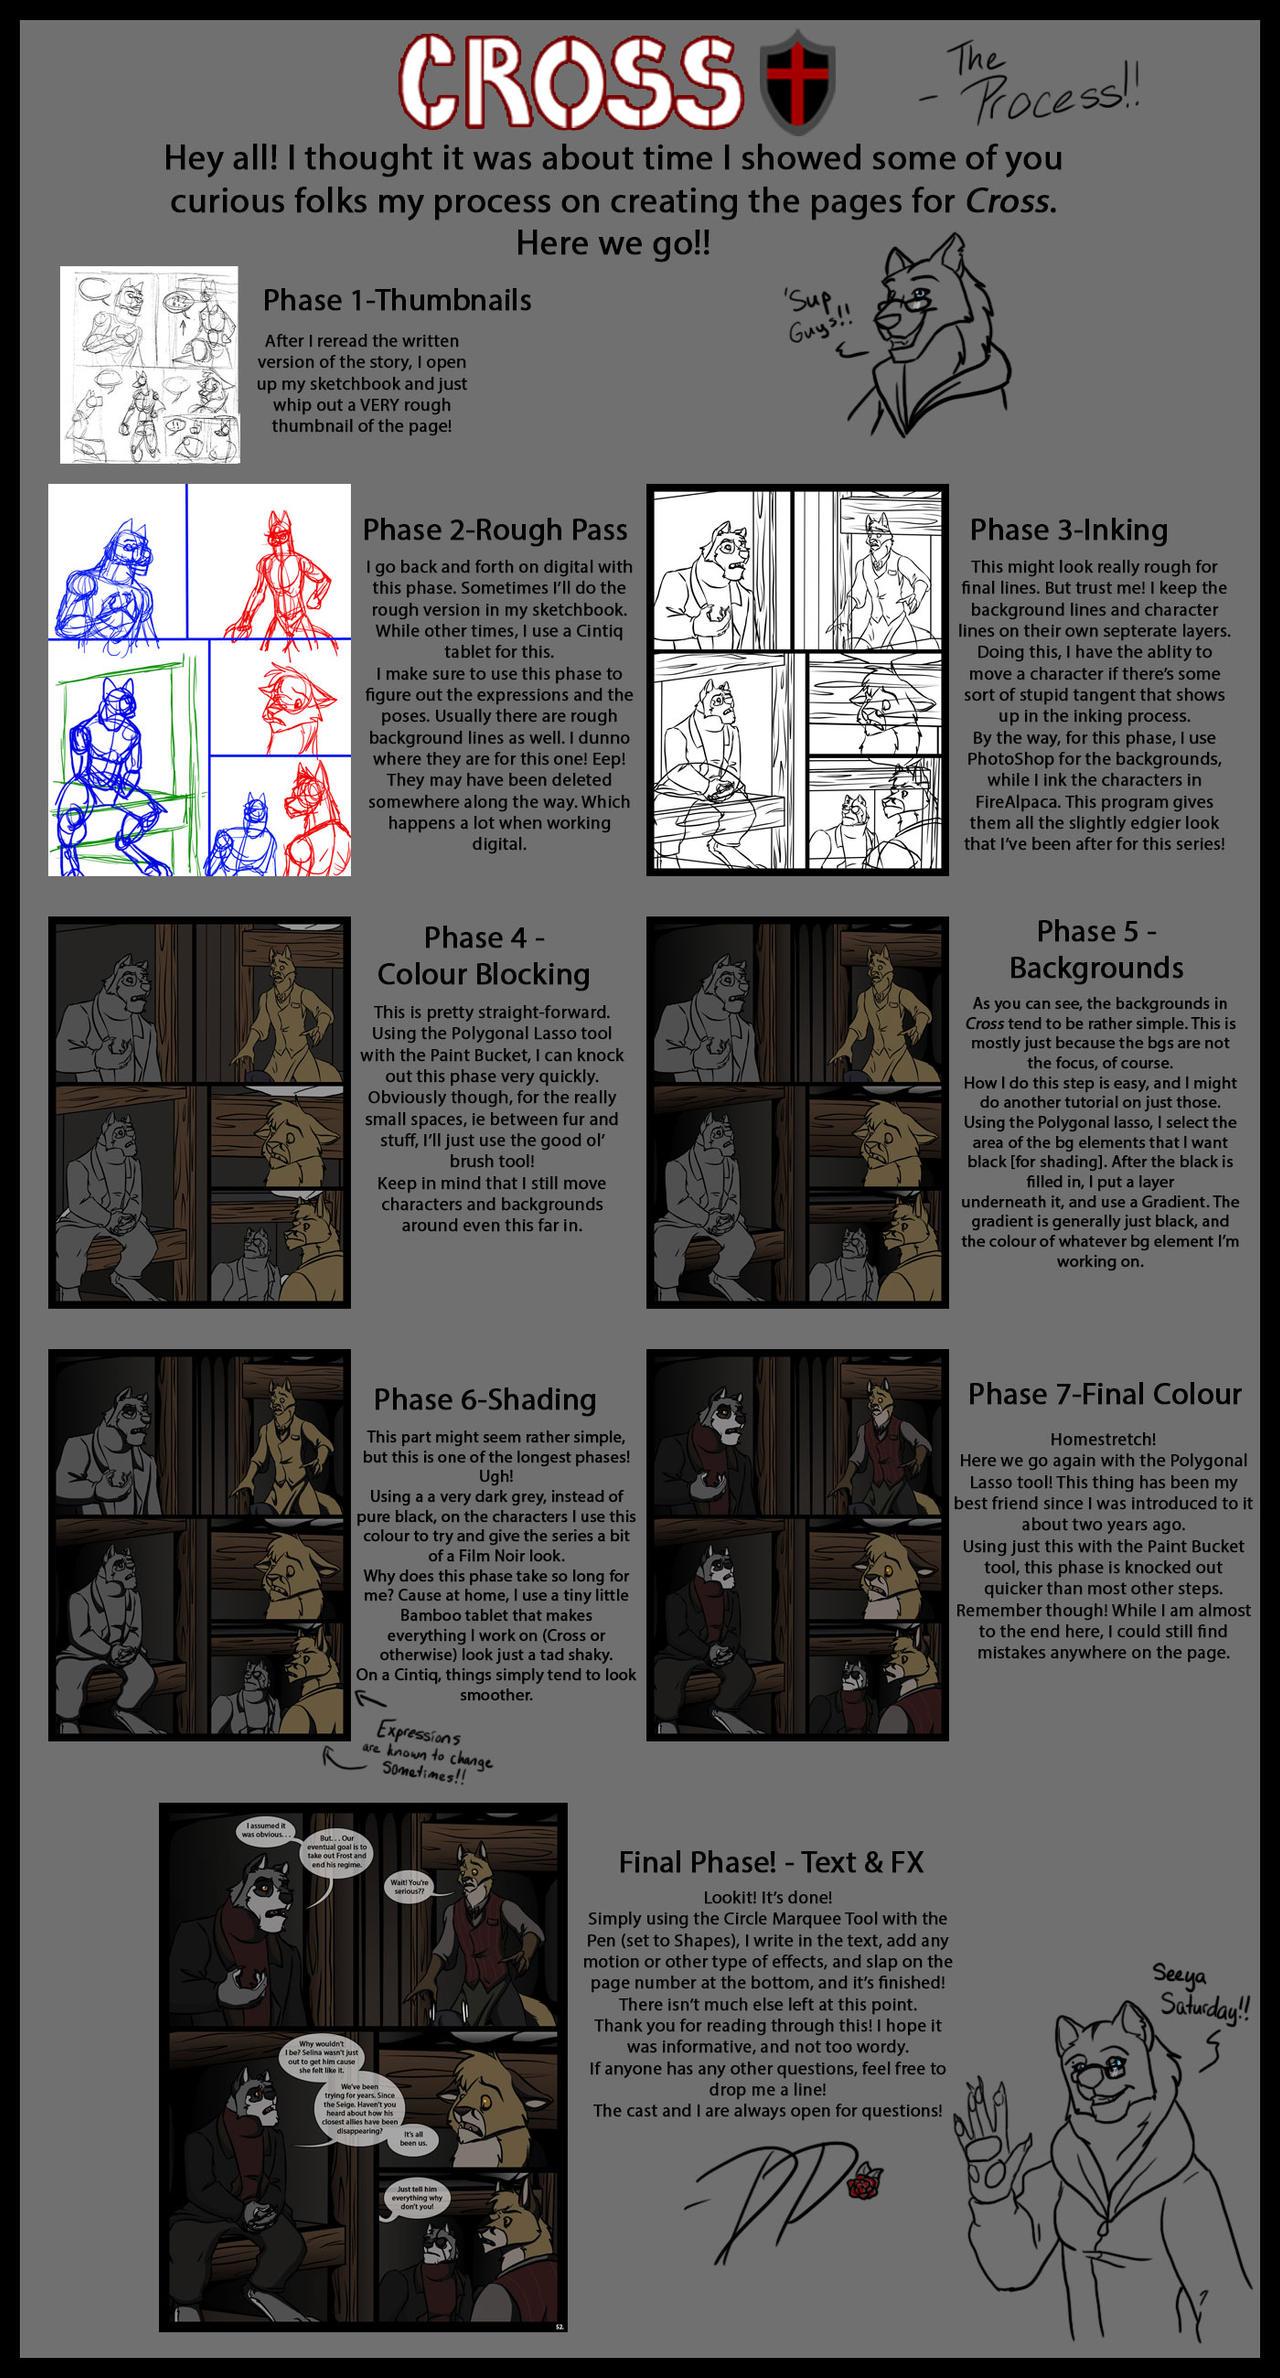 My Comic Process - Cross